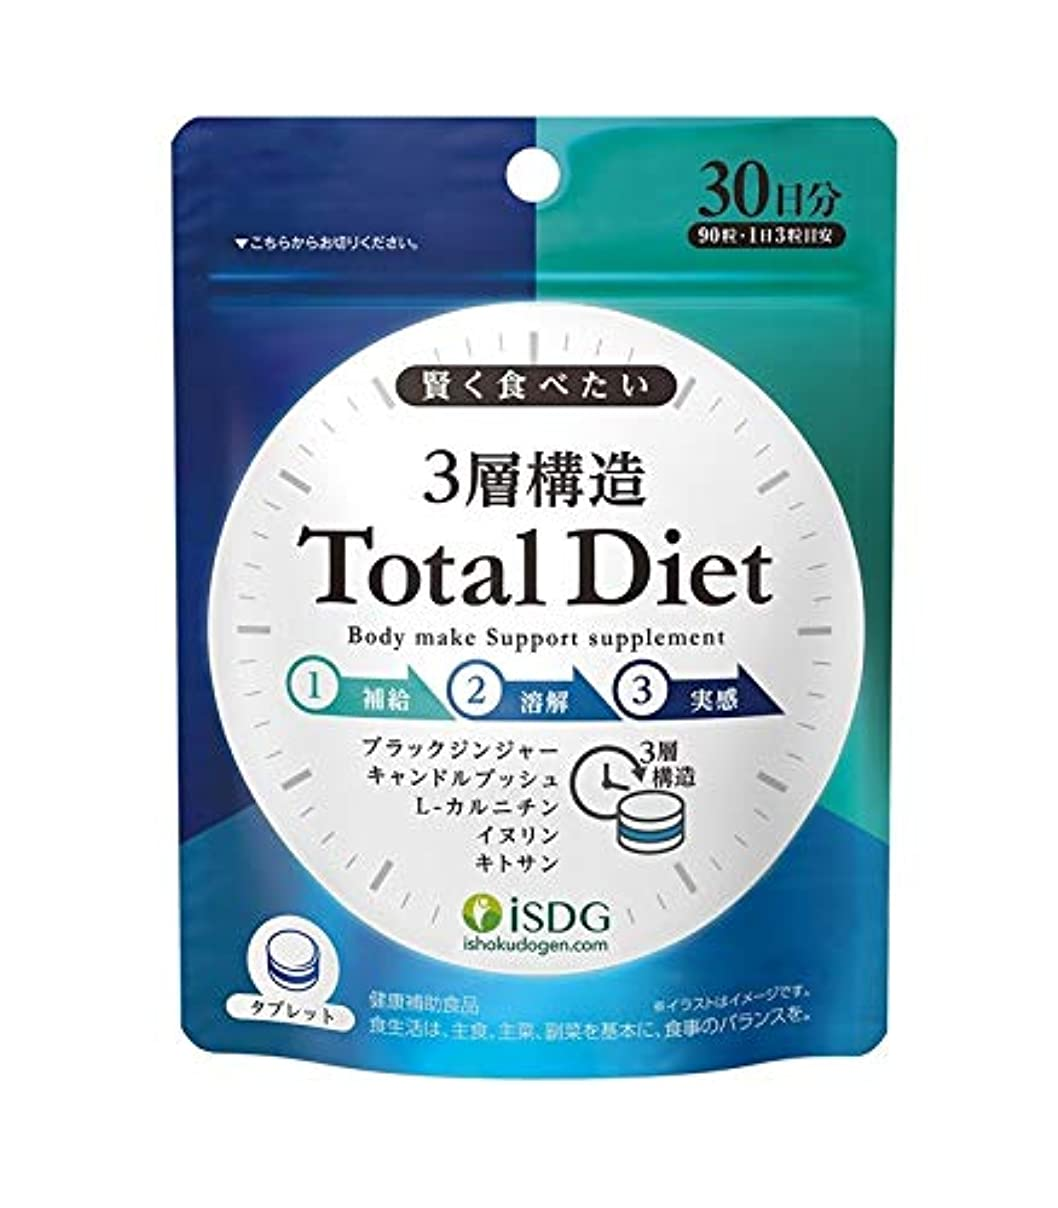 タイル一目恐ろしいです医食同源 3層構造Total Diet 90粒